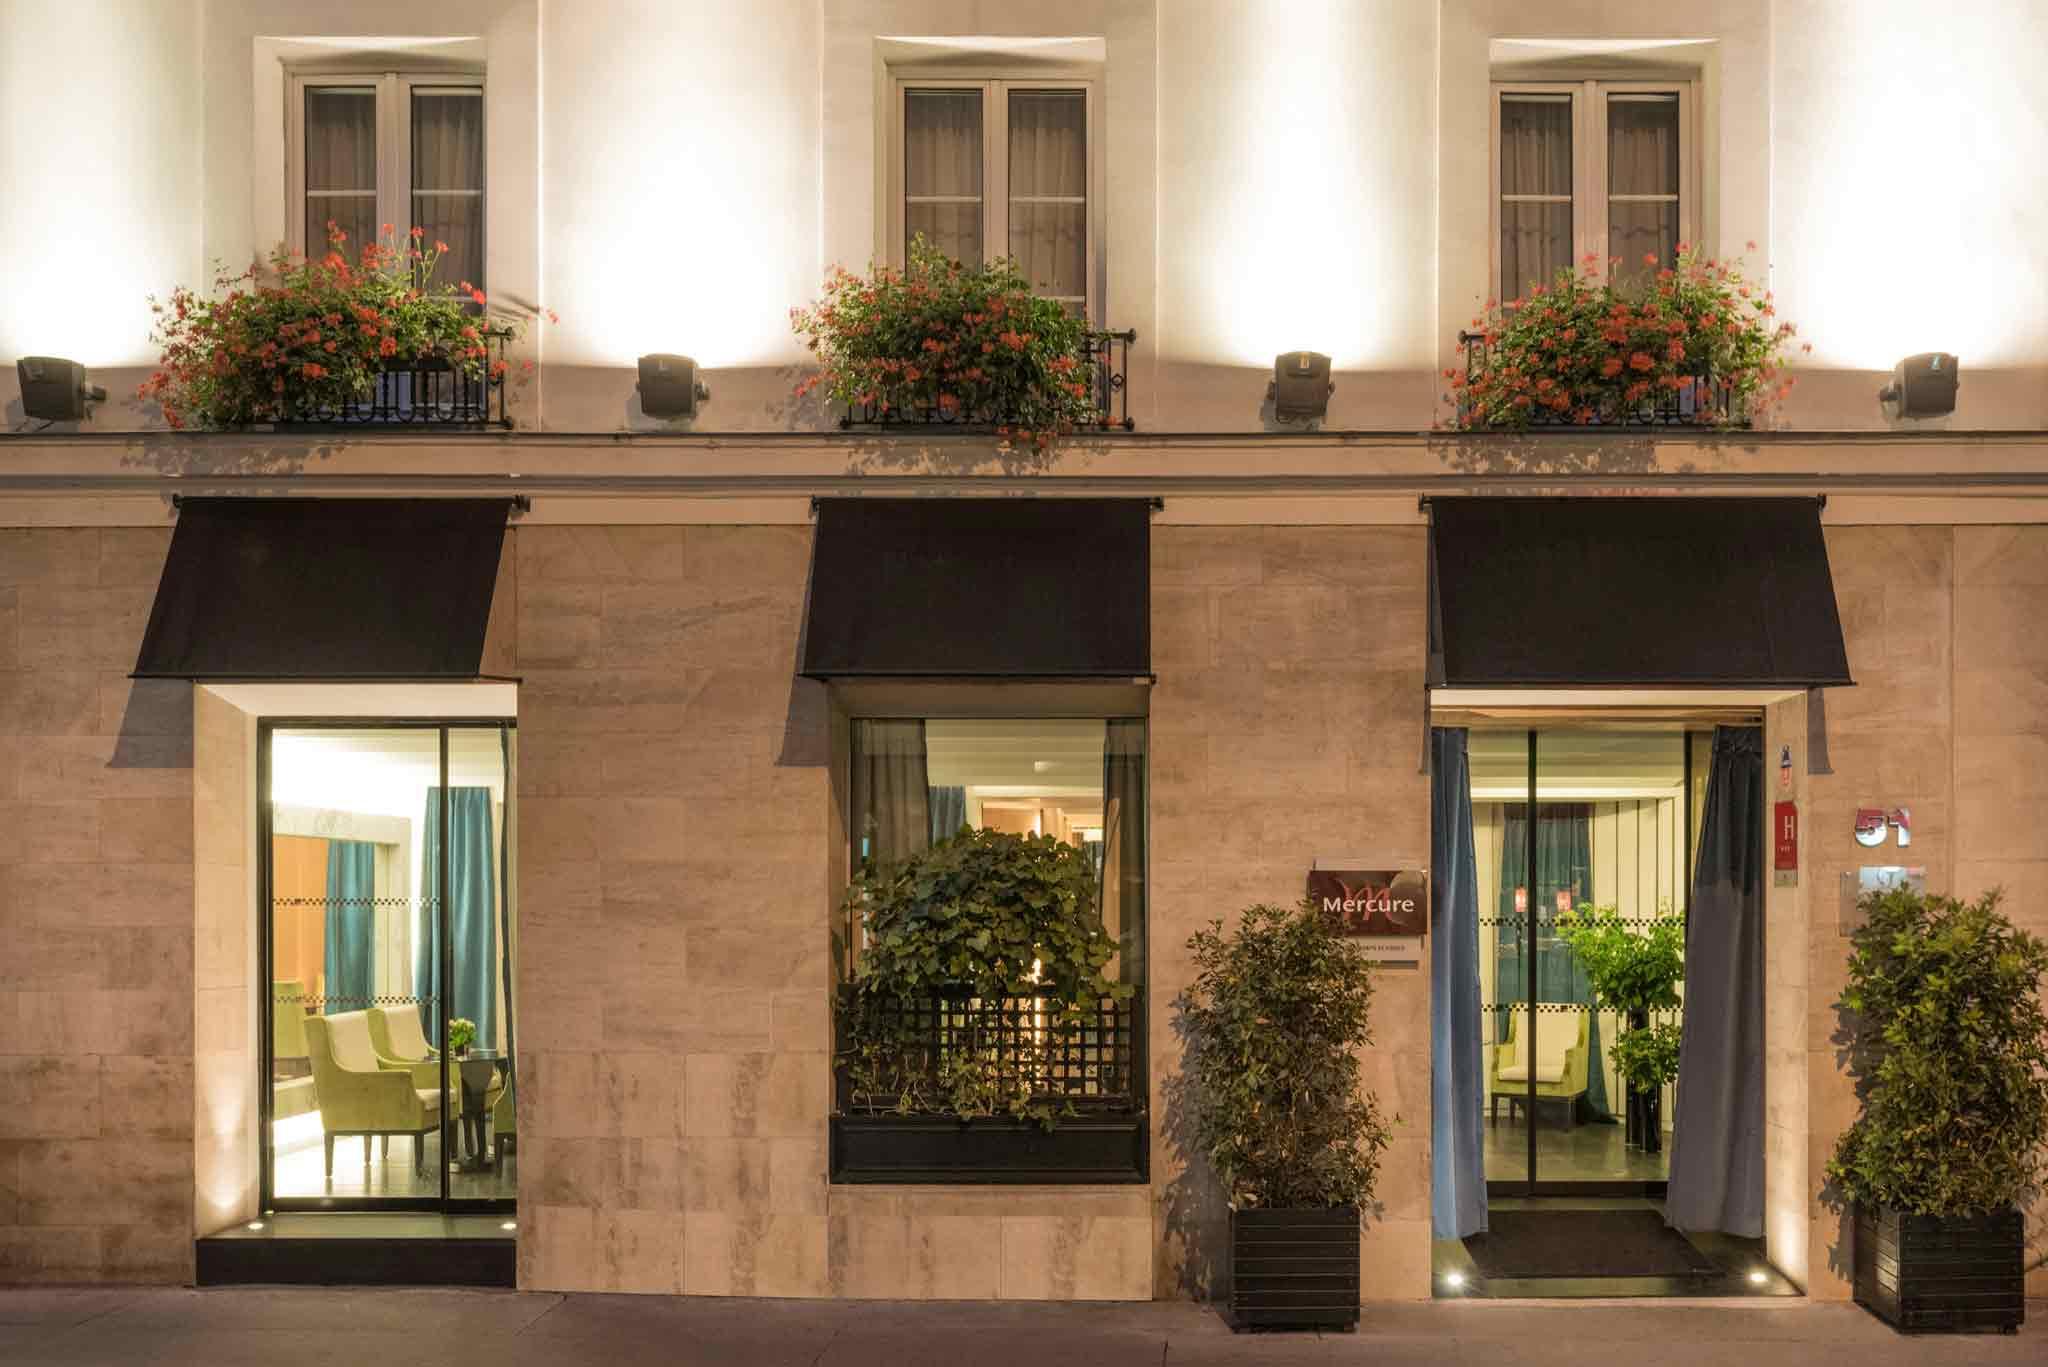 Mercure Paris Champs Elysees Hotel Paris France